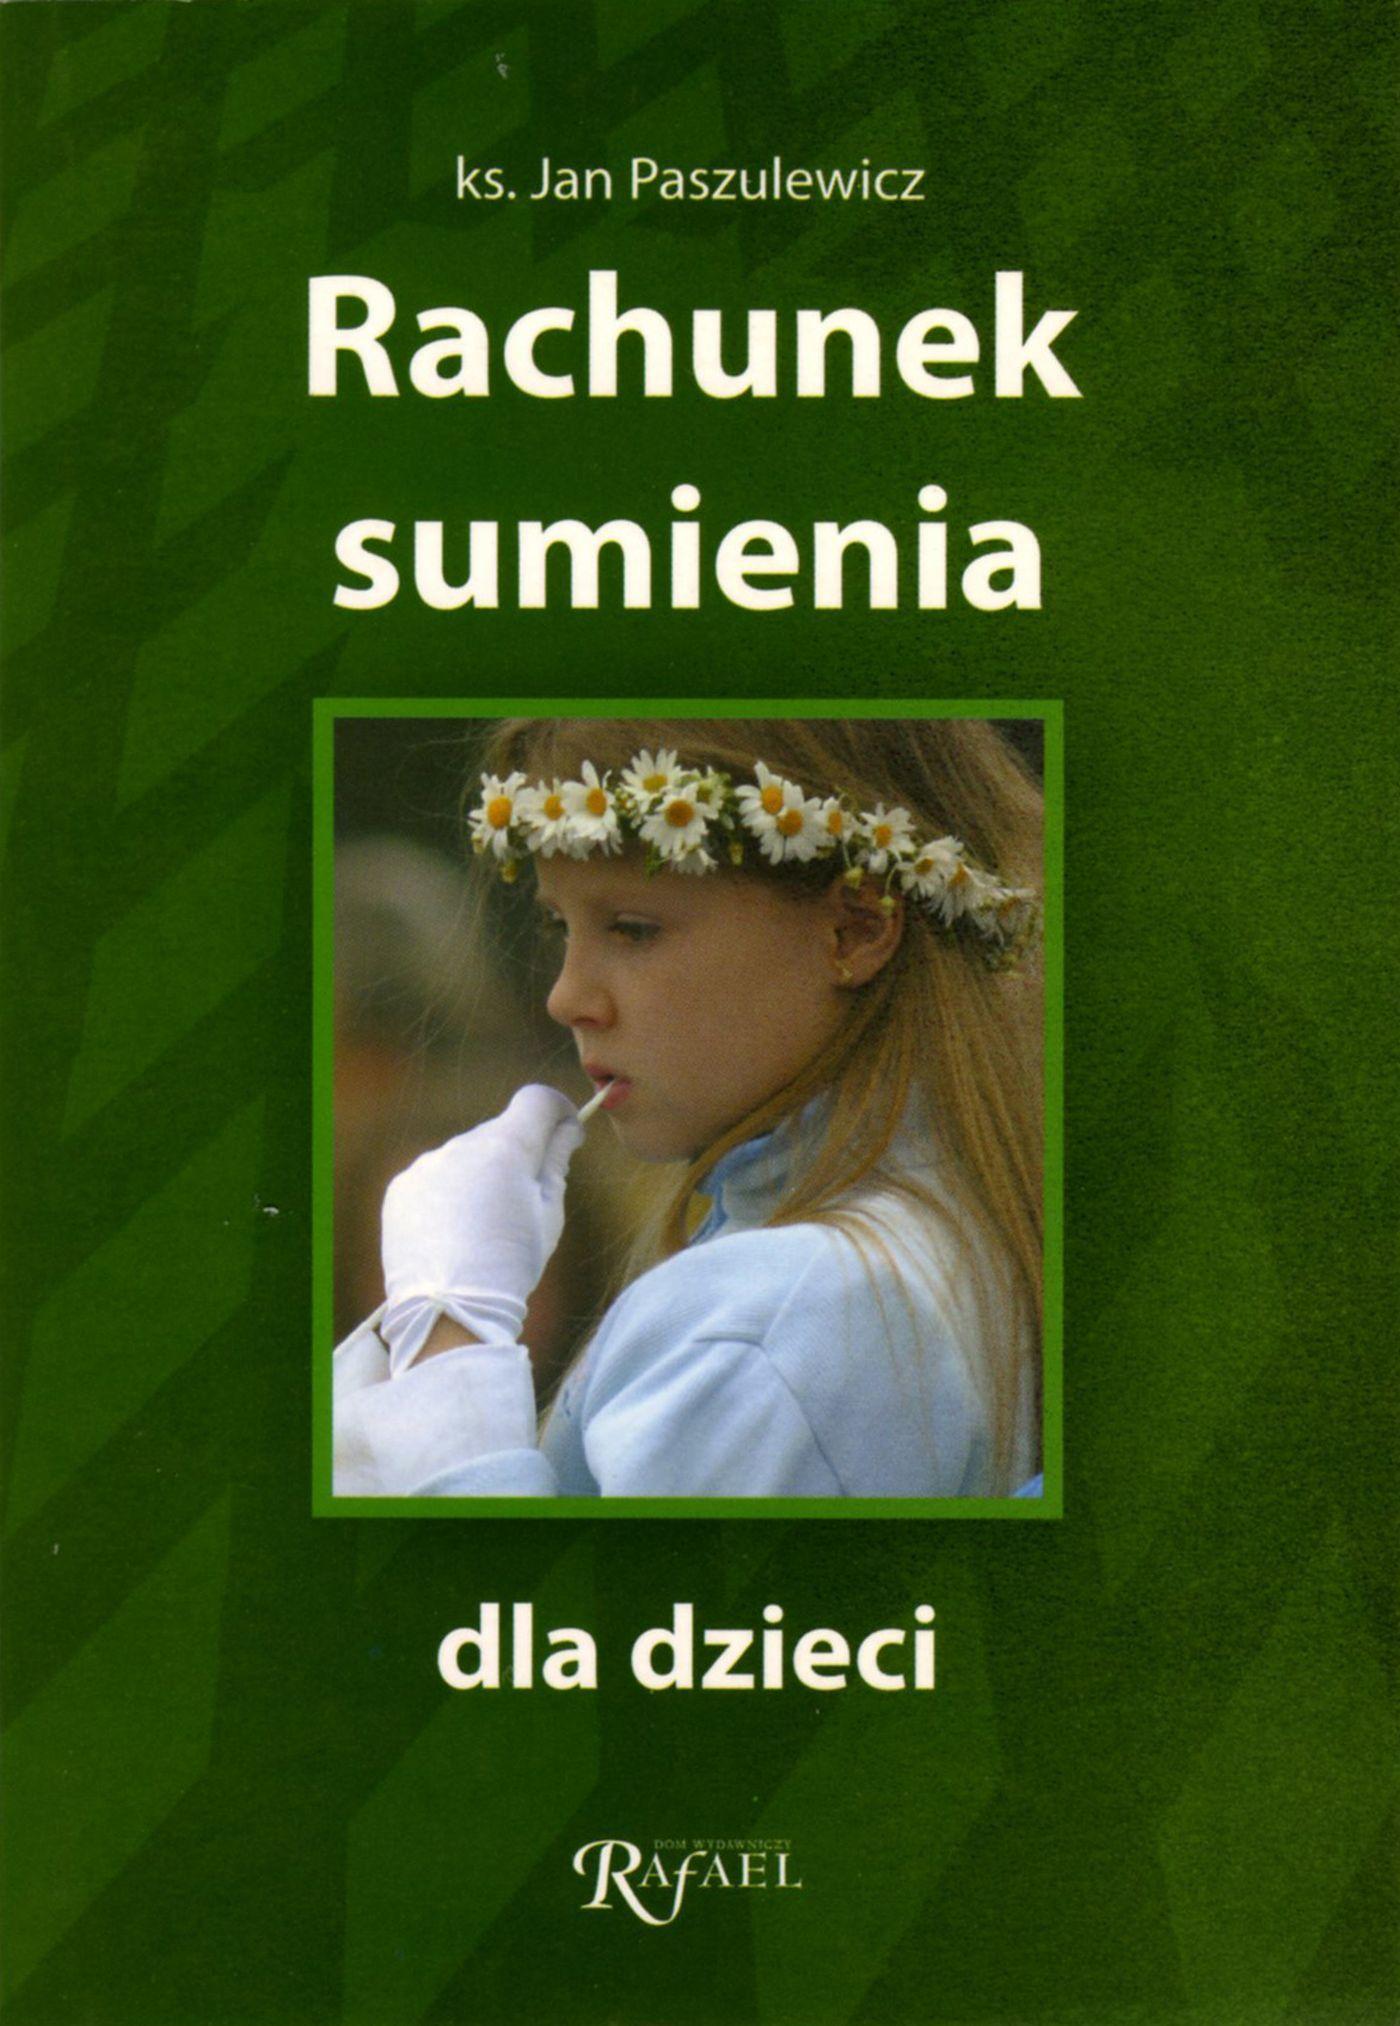 Rachunek sumienia dla dzieci - ks. Jan Paszulewicz - ebook